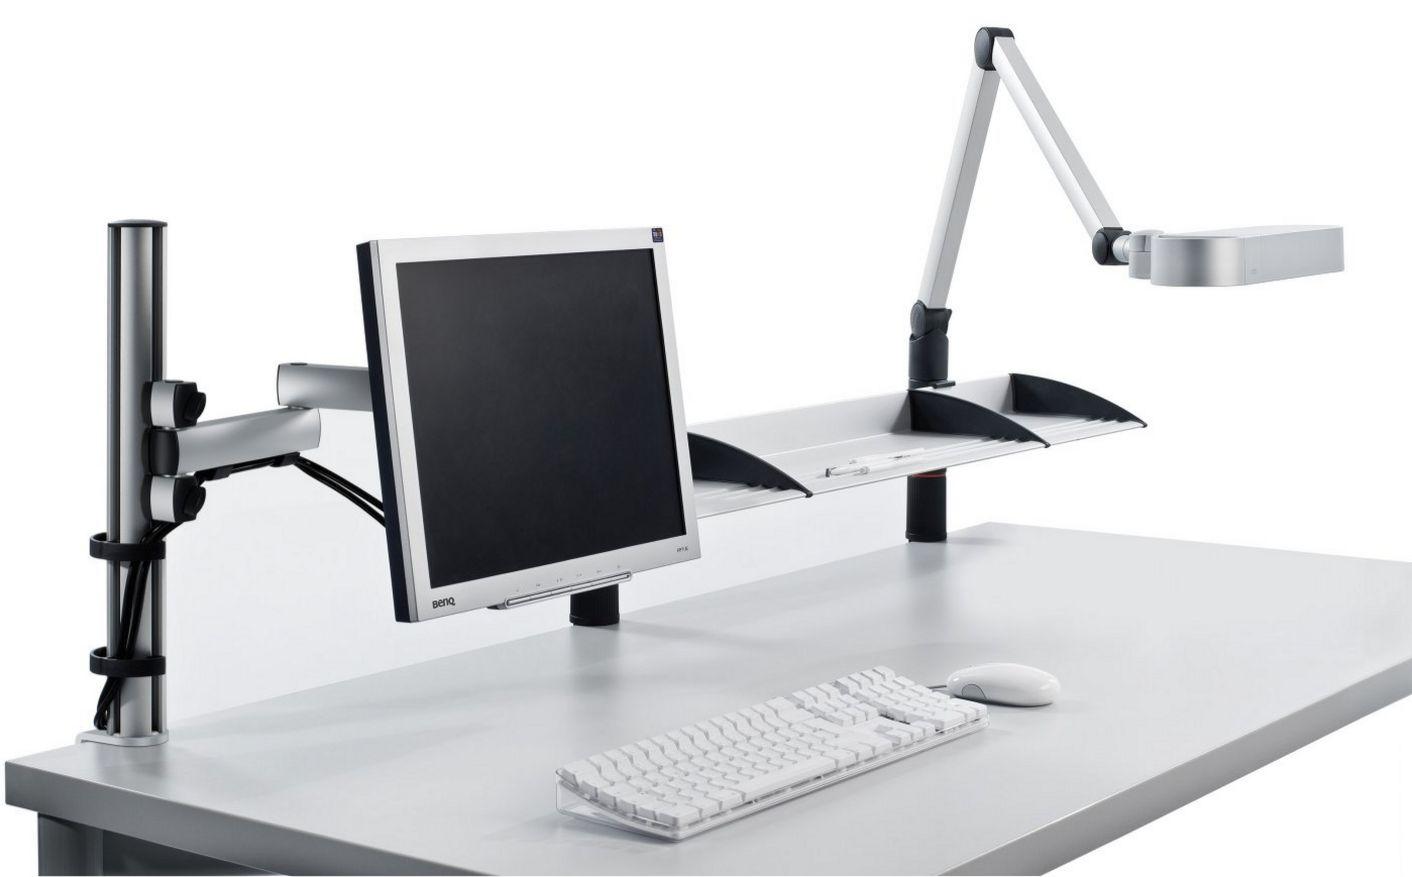 Monitor-Schreibtischlampe-Telefon-Schwenkarm-Tischbefestigung